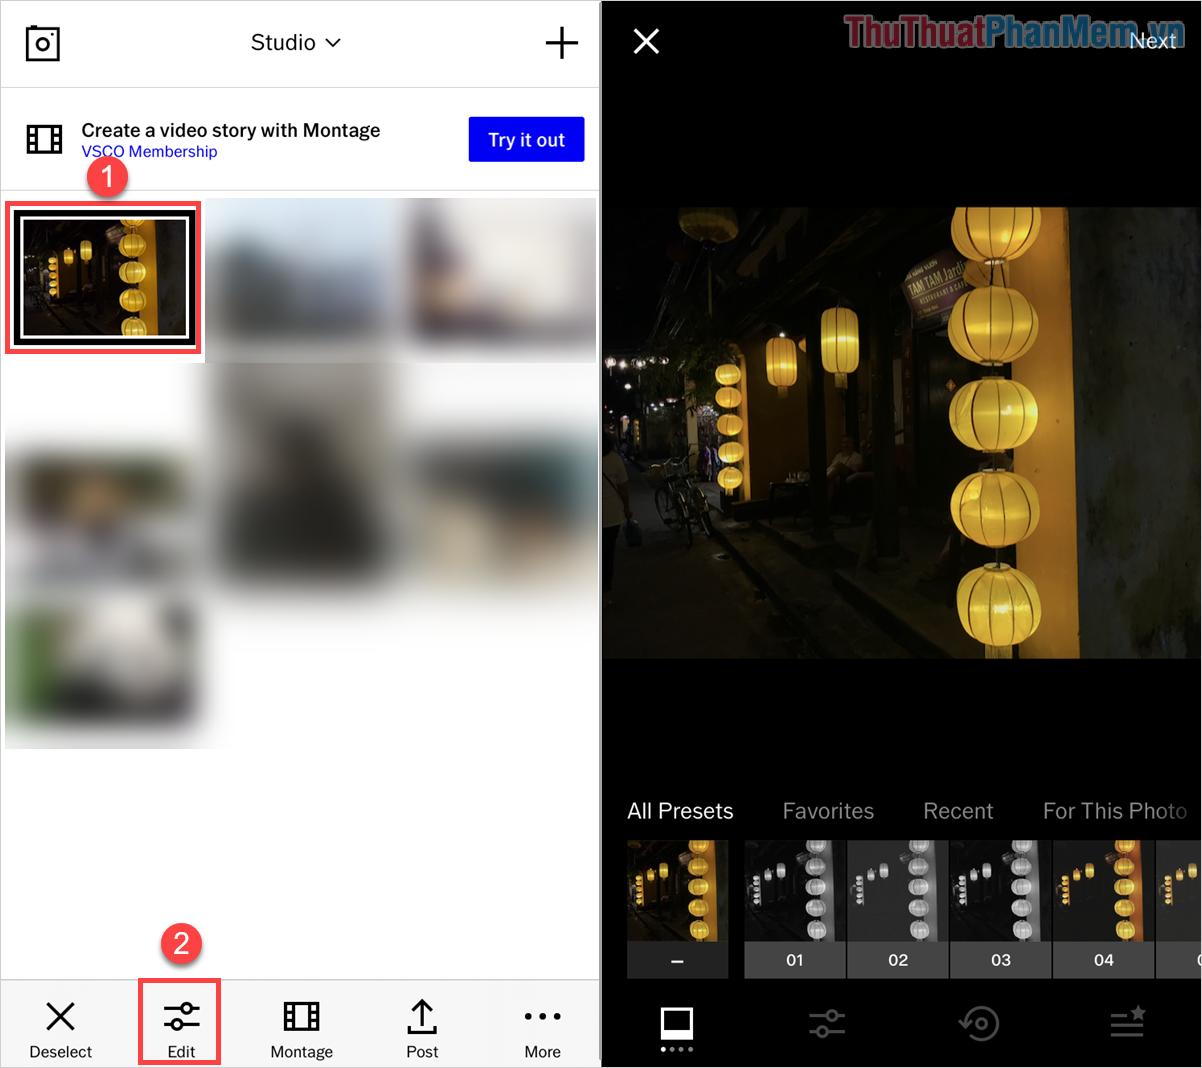 Chọn hình ảnh mình cần chỉnh sửa trên giao diện chính của VSCO và nhấn vào Edit để bắt đầu